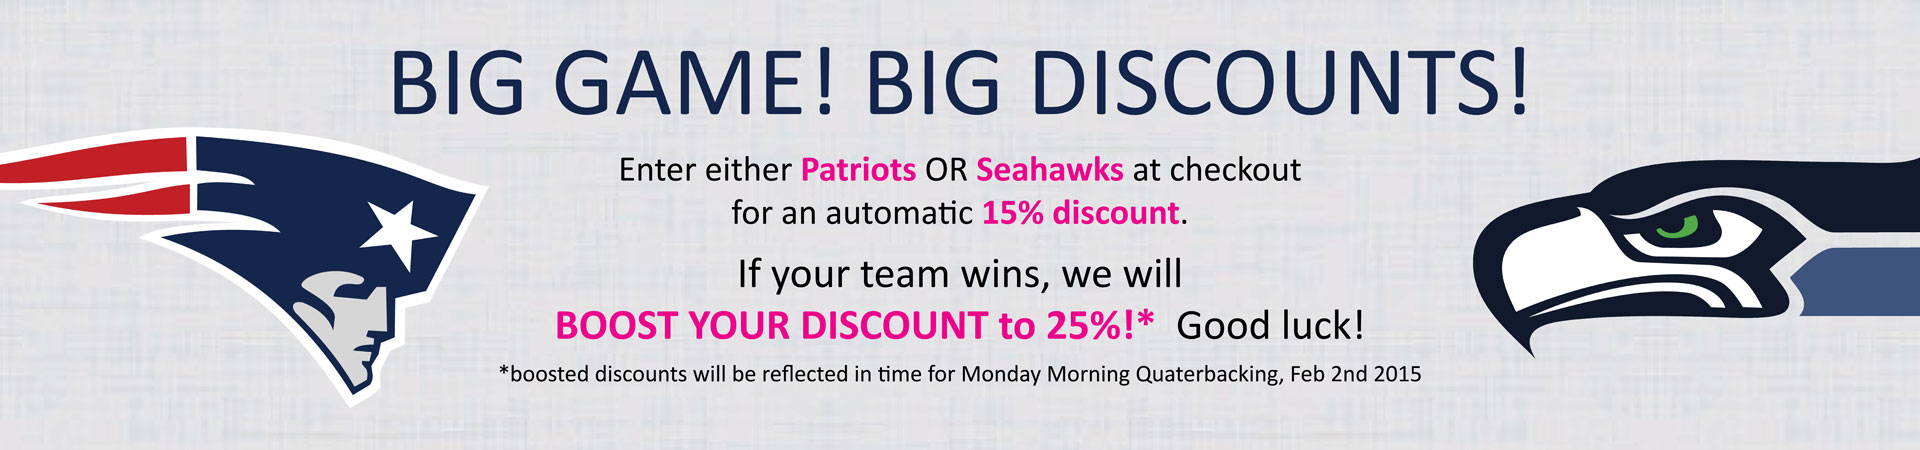 Big Games, Big Discounts